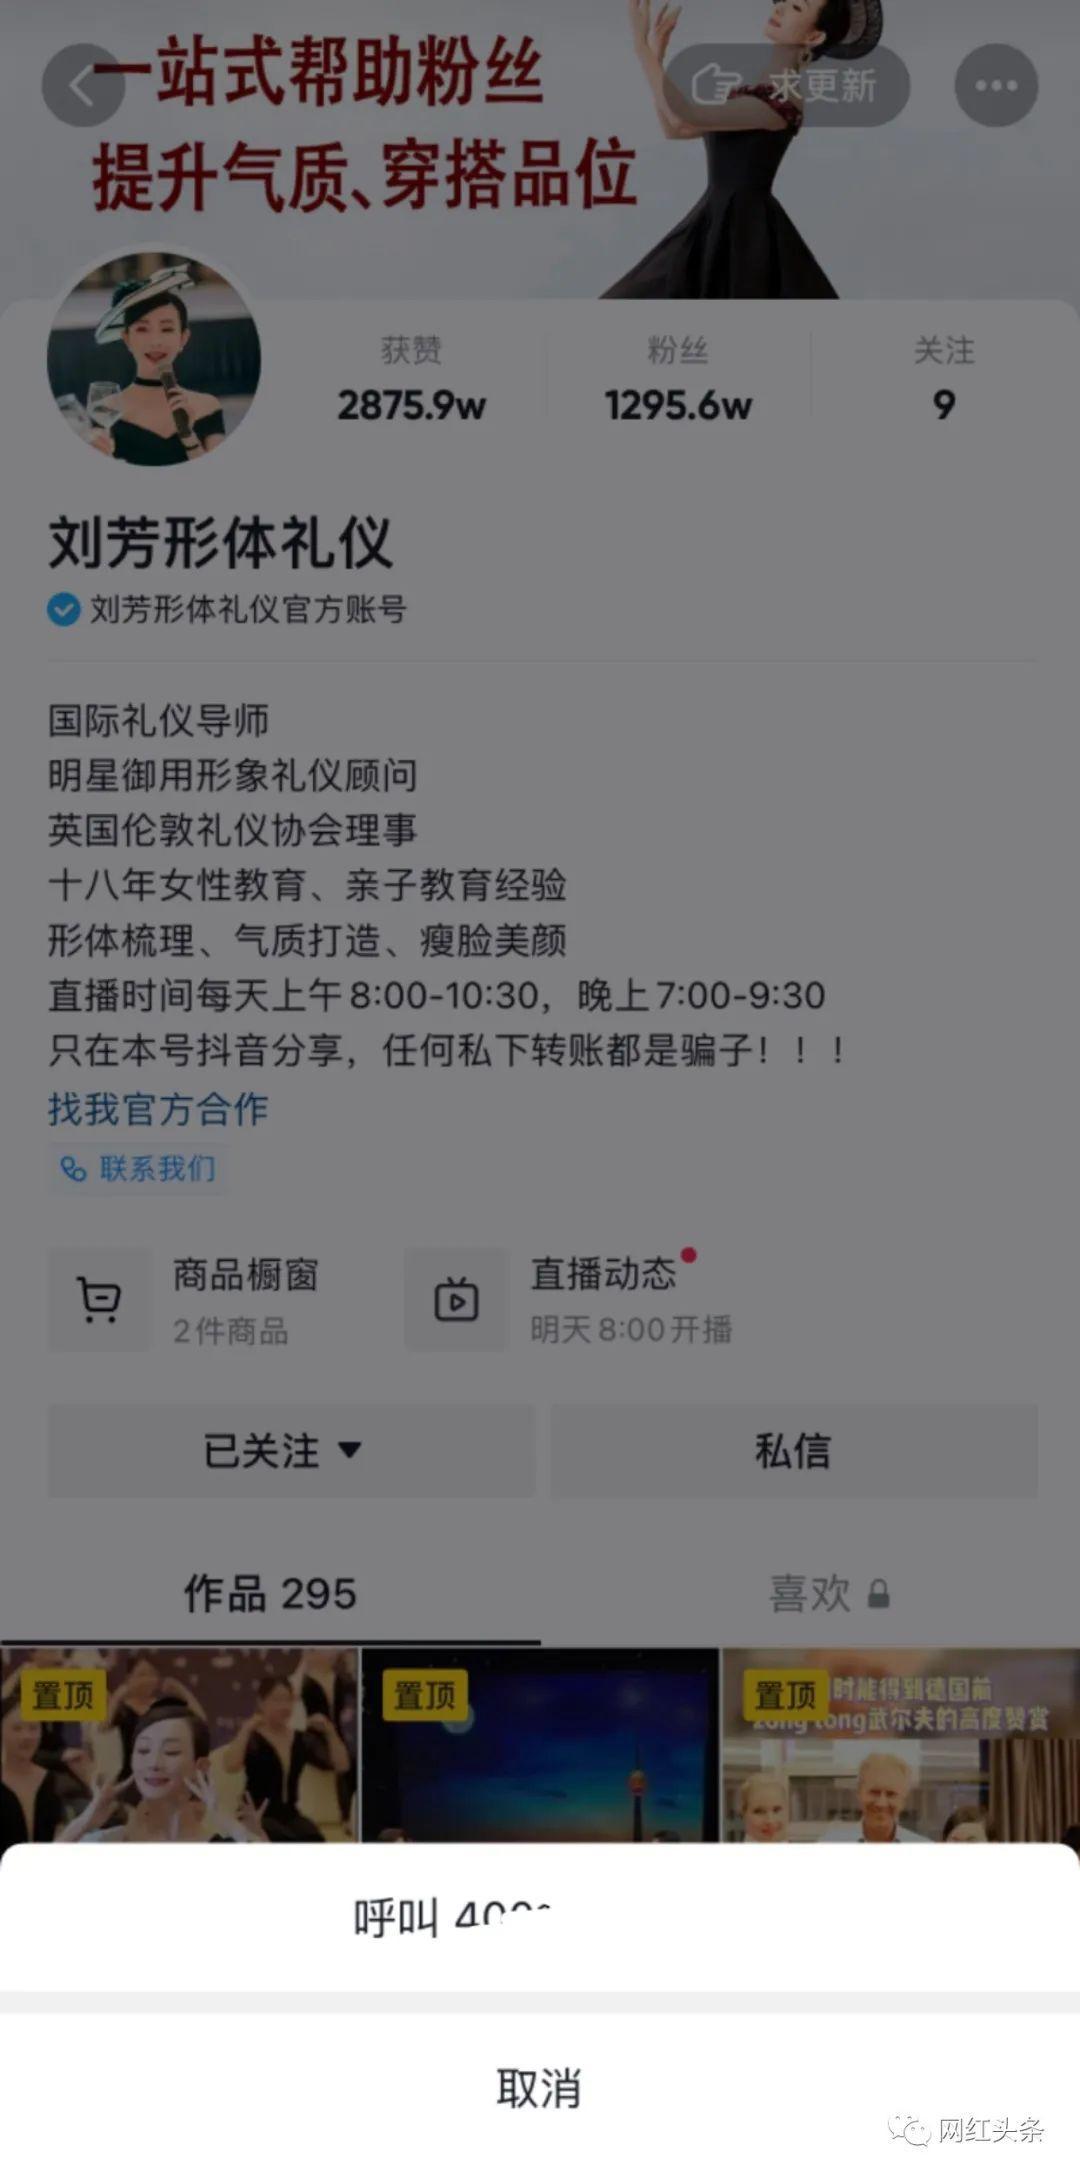 一周抖音涨粉160万,看垂直类目账号刘芳形体礼仪是怎么出圈的?